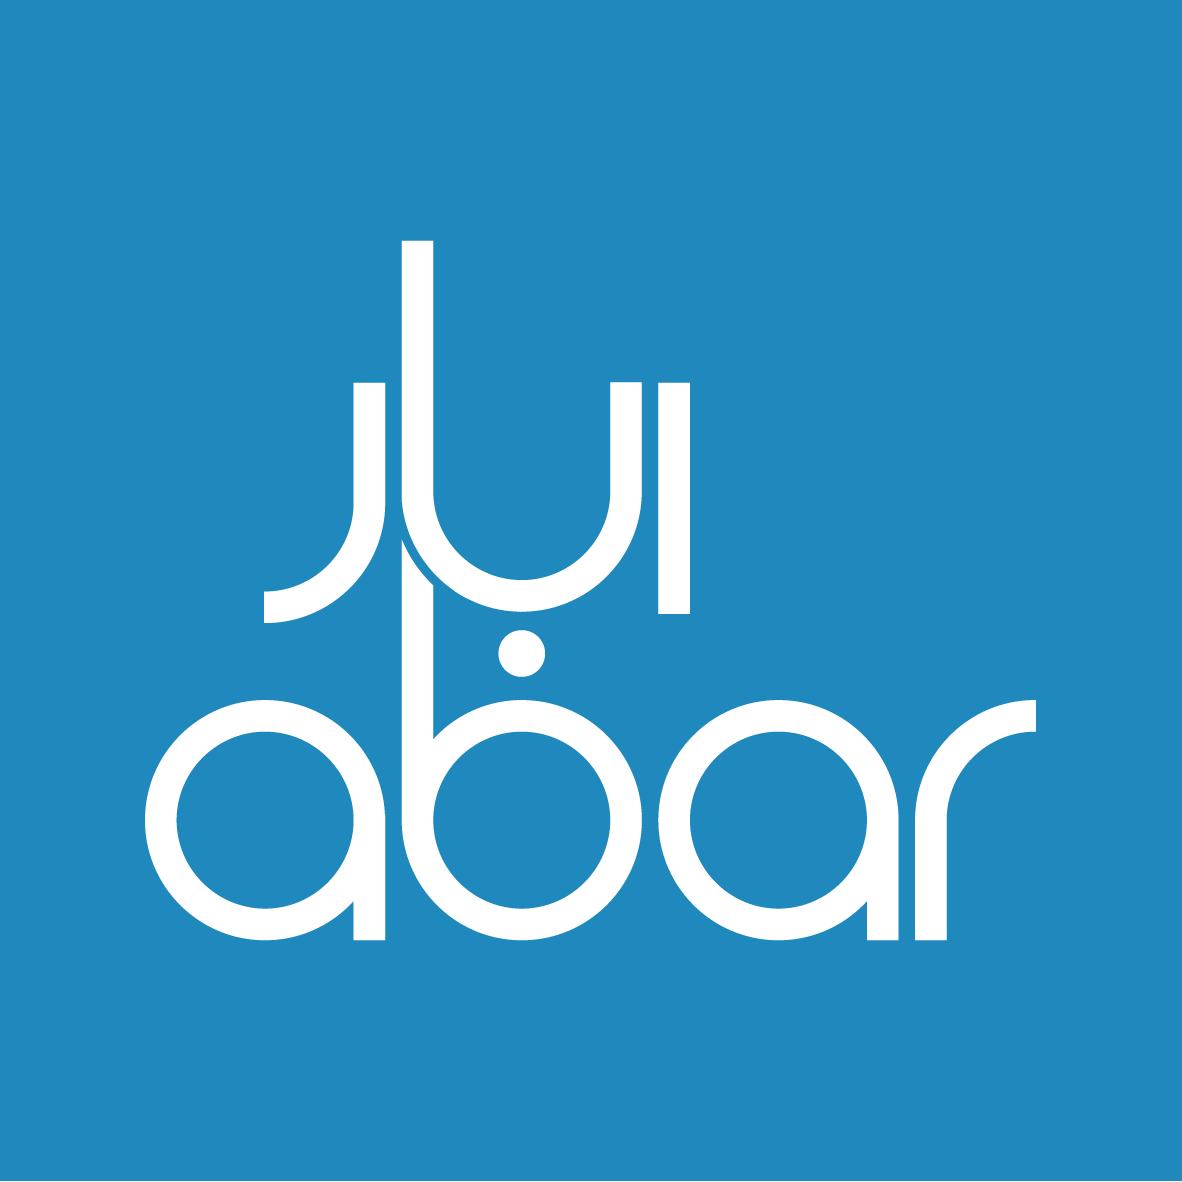 https://abar.app/storage/app/uploads/public/60d/507/883/60d507883af3e540048951.png